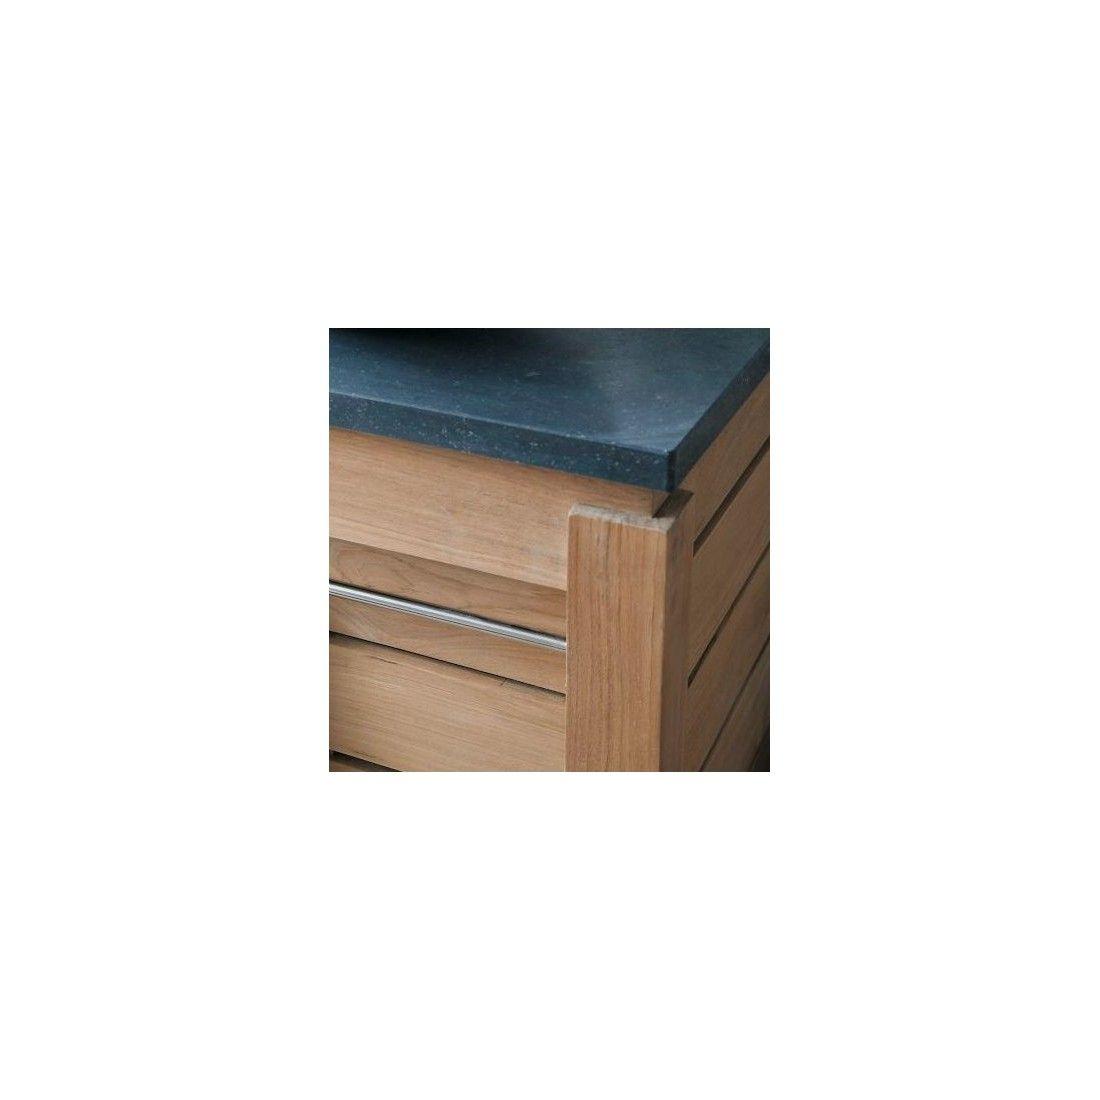 Meuble double vasque en teck massif 133 cm avec 2 portes, Line Art Origin